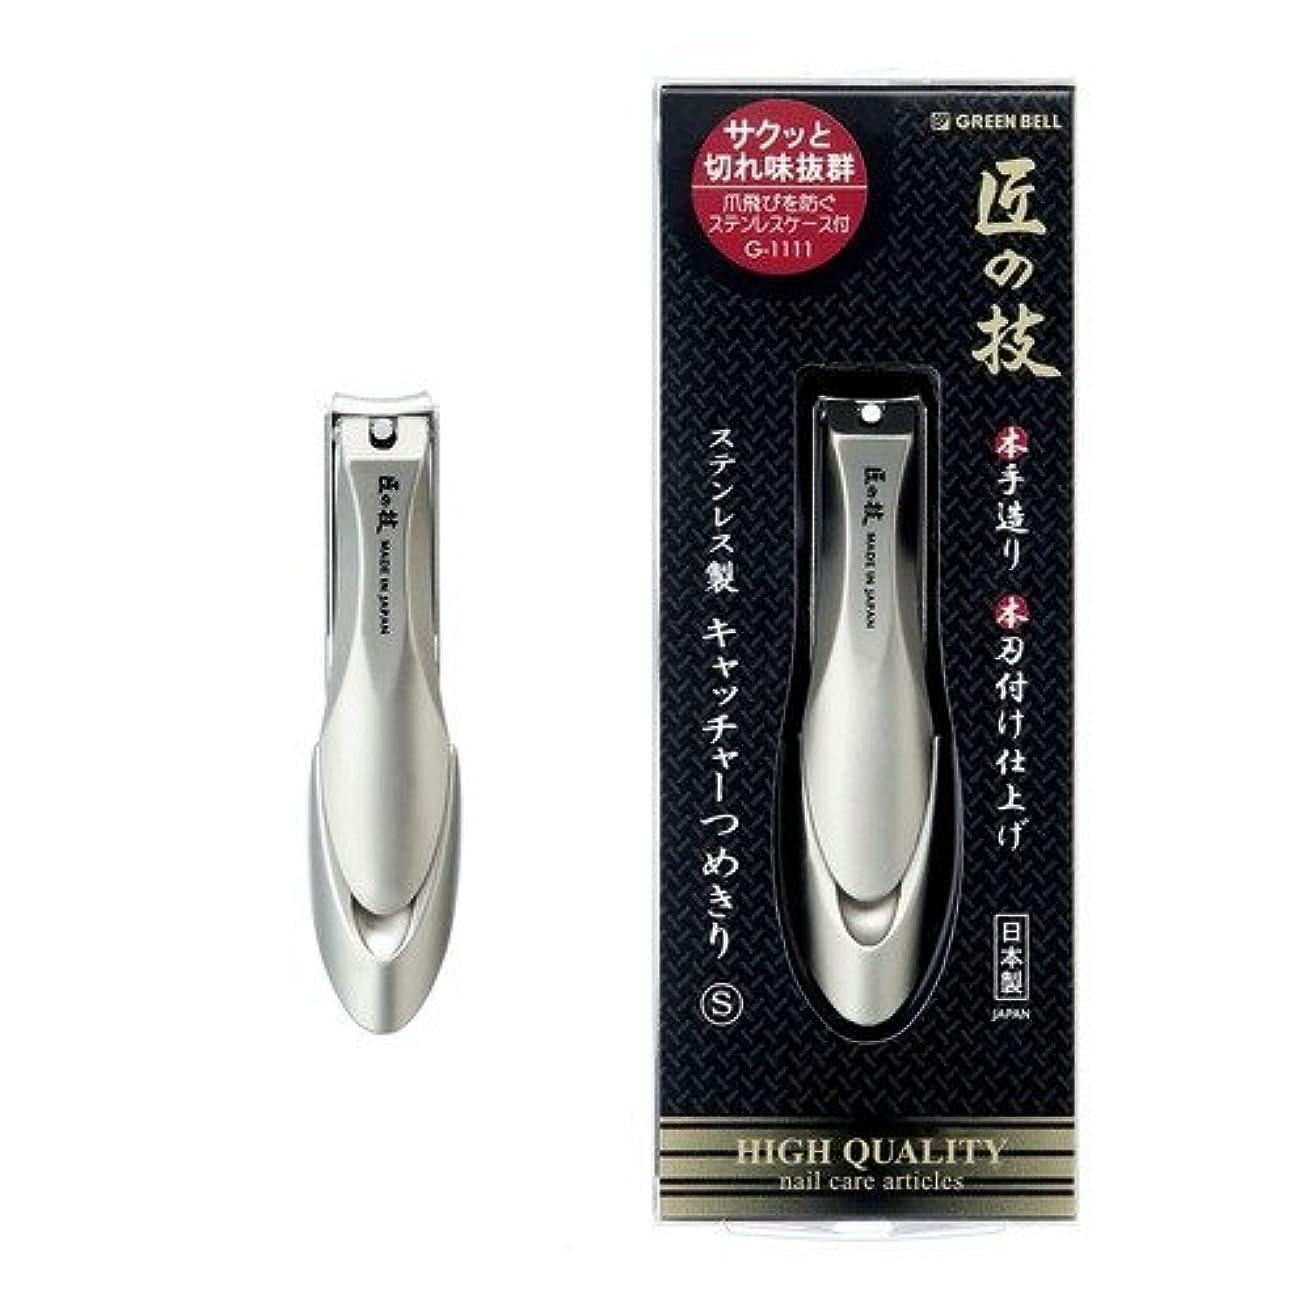 未使用今晩学習者匠の技 ステンレス製キャッチャー爪切り Sサイズ G-1111